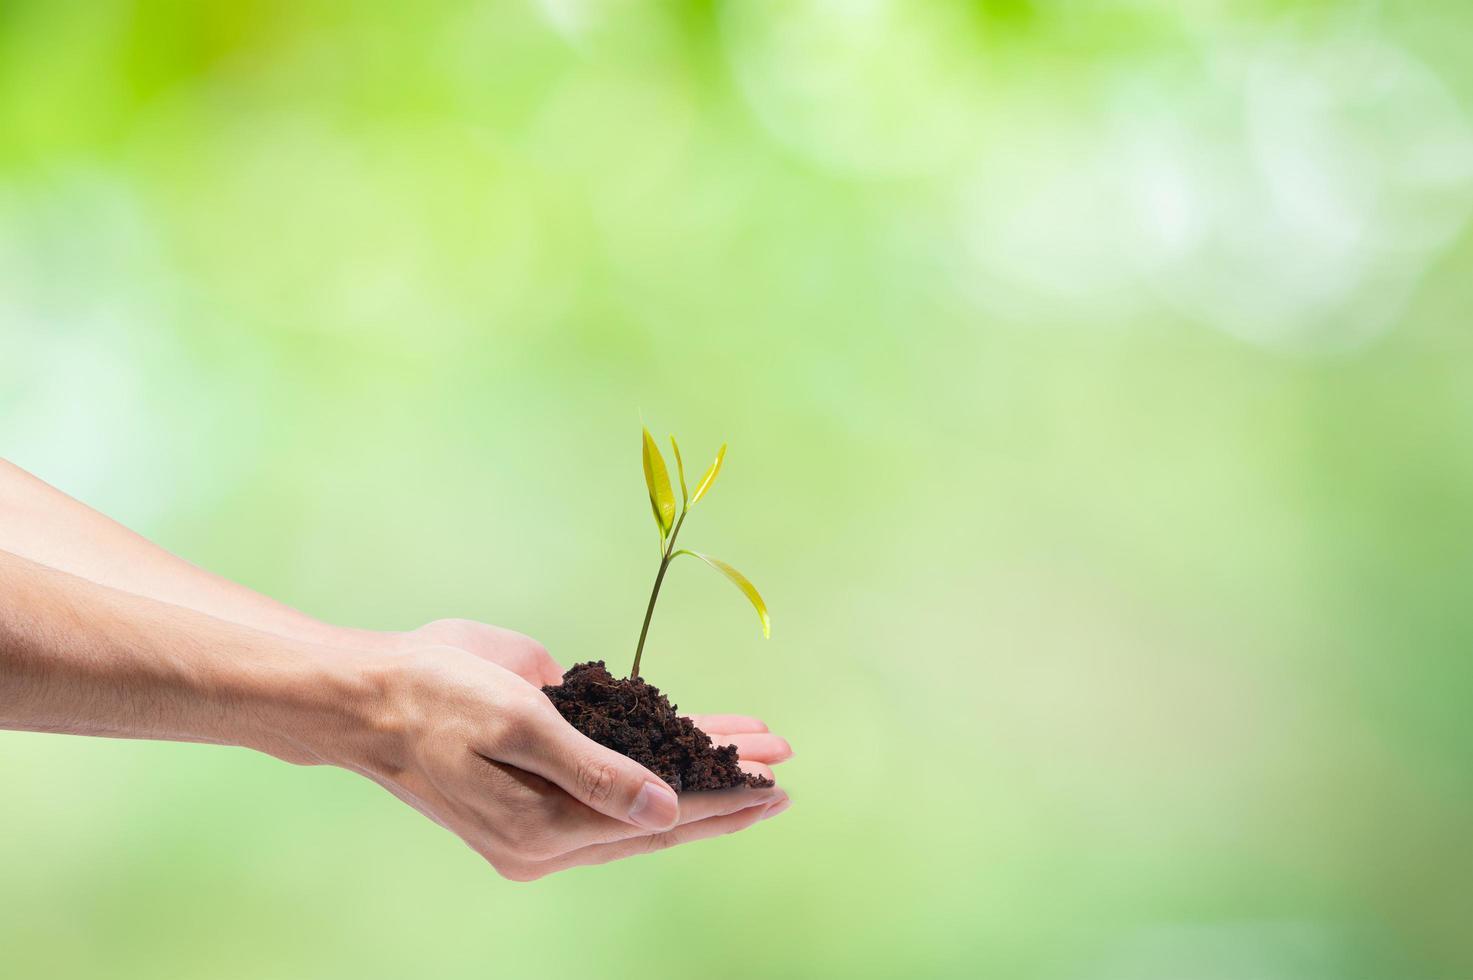 handen planten een kleine boom foto